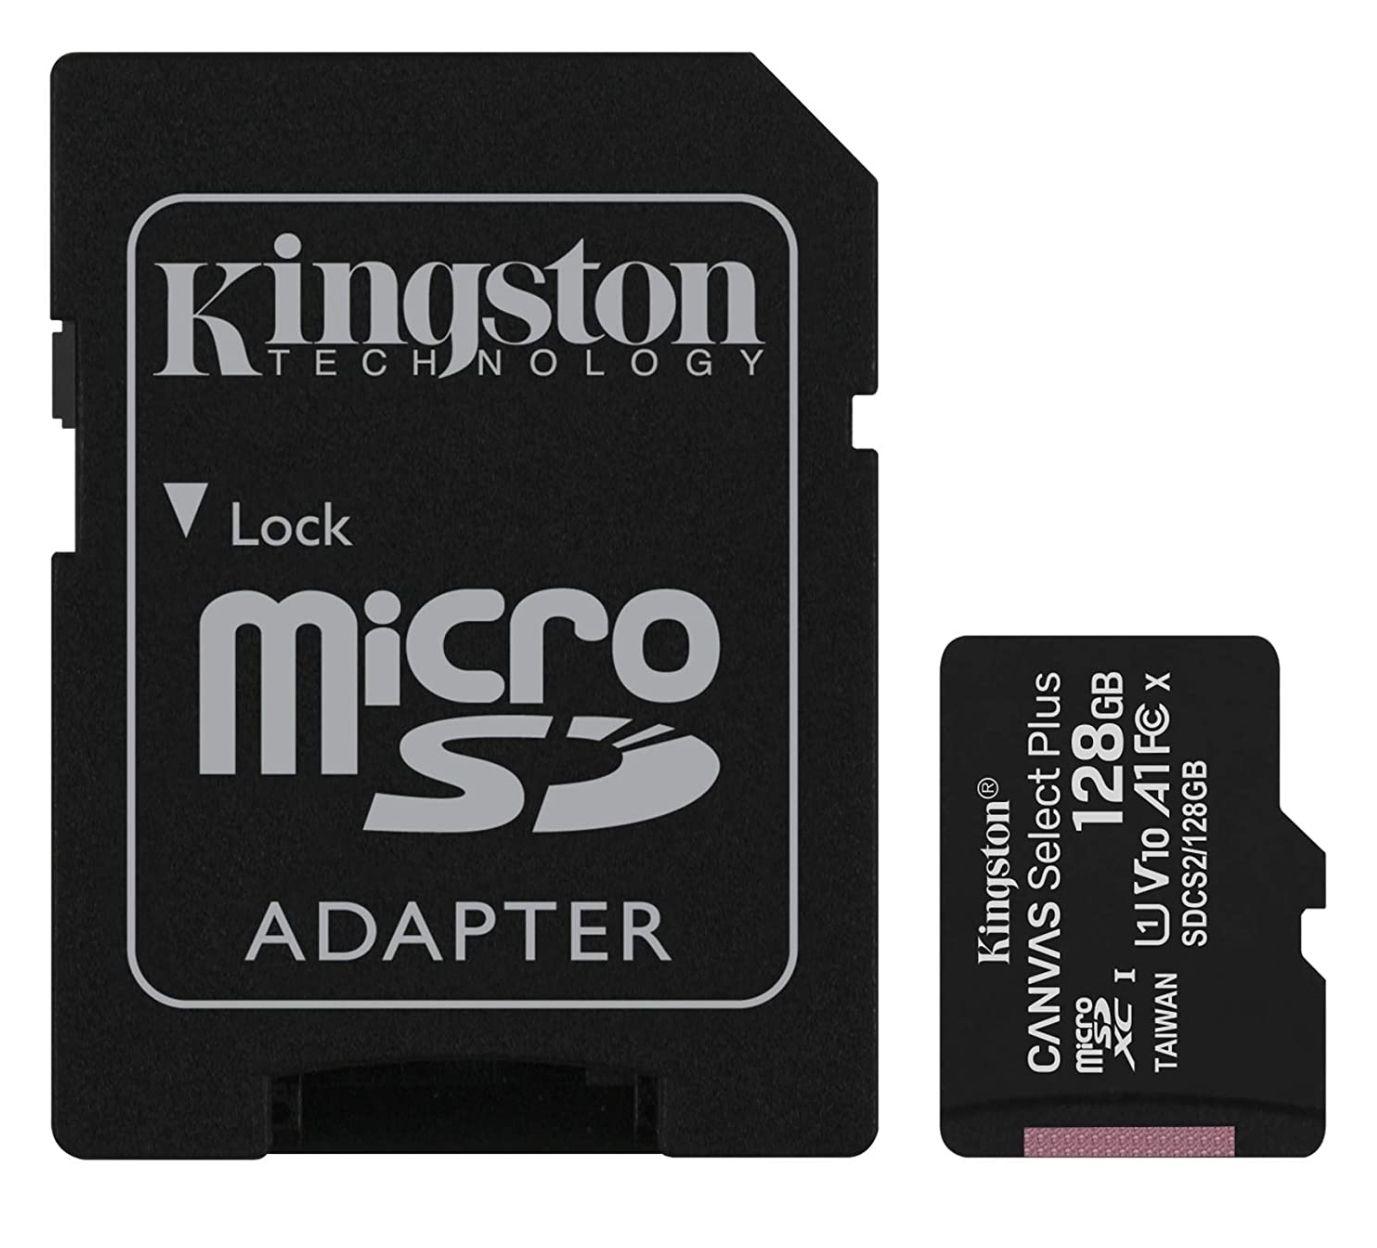 Carte mémoire microSDXC Kingston Canvas Select Plus - 128 Go + Adaptateur (Vendeur tiers)